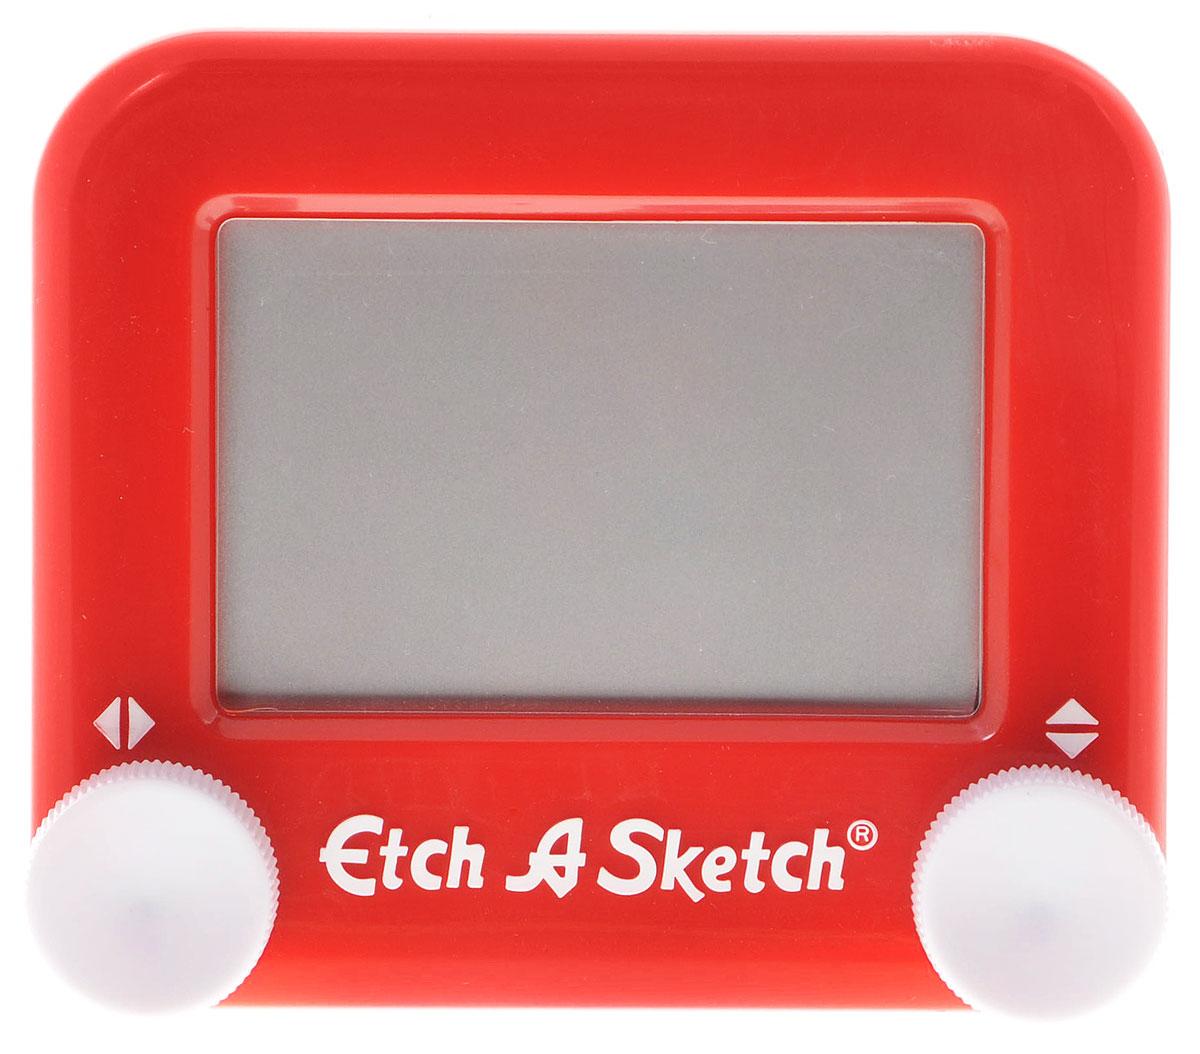 Etch-A-Sketch Волшебный экран цвет красный516_красныйВолшебный экран Etch-A-Sketch, непременно понравится вашему ребенку и станет для него любимой игрушкой. Волшебный экран поможет вашему ребенку создавать рисунки одной линией, посредством вращения двух круглых ручек, расположенных в нижних углах (одна из них перемещает указатель по вертикали, а другая по горизонтали). Самым сложным считается рисовать круглые объекты, волнистые линии и плавные изгибы. Внутри экрана находится специальный порошок, который счищает тонкий указатель с внутренней поверхности экрана, оставляя за собой темную линию. Для того чтобы стереть свой рисунок, достаточно просто перевернуть экран вниз и потрясти, и он снова станет серым, при этом указатель начнет чертить ровно из той точки, где закончился предыдущий рисунок. Компактный размер экрана позволяет брать его с собой в дорогу. Активно развивает связь между правым и левым полушариями мозга!